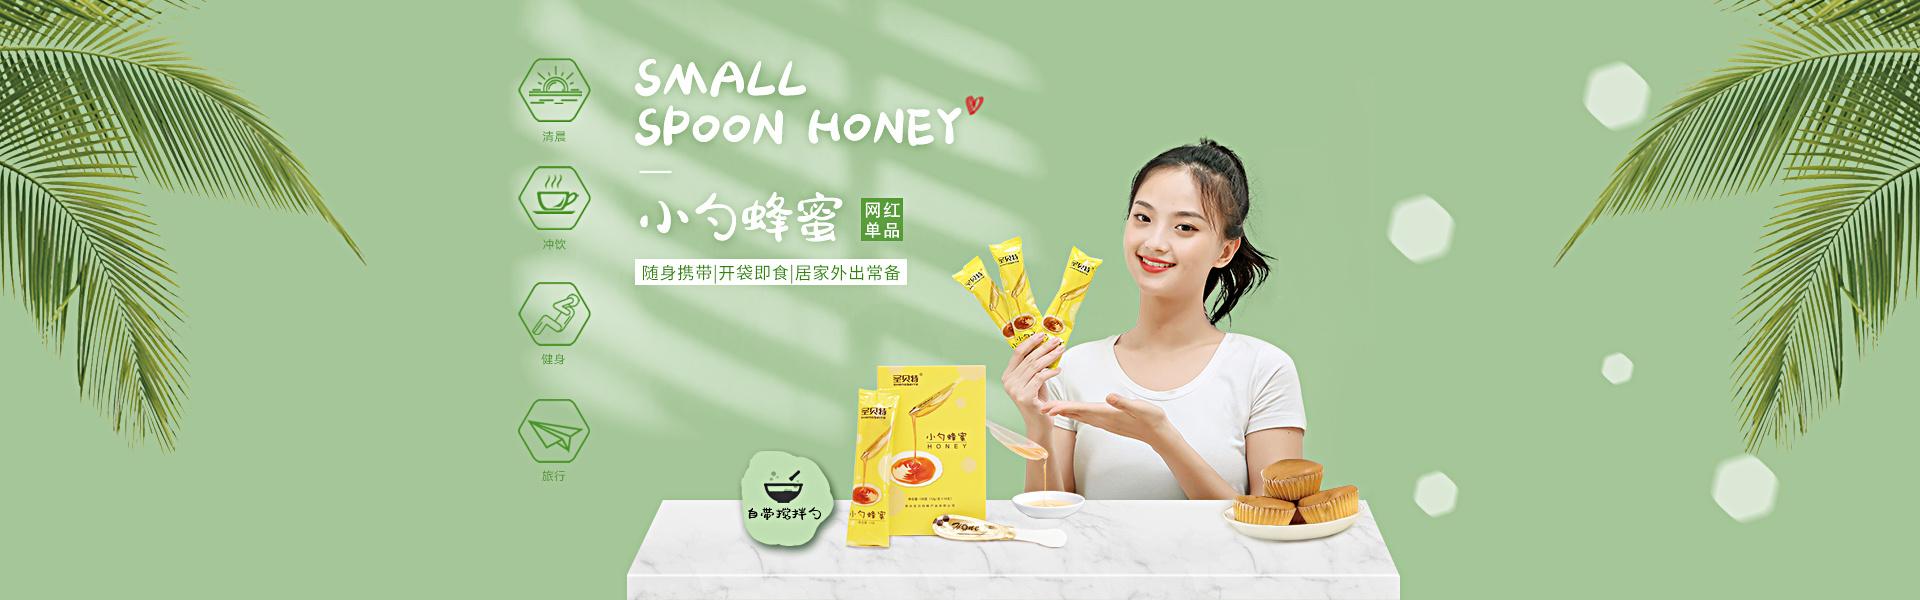 蜂蜜批发价格